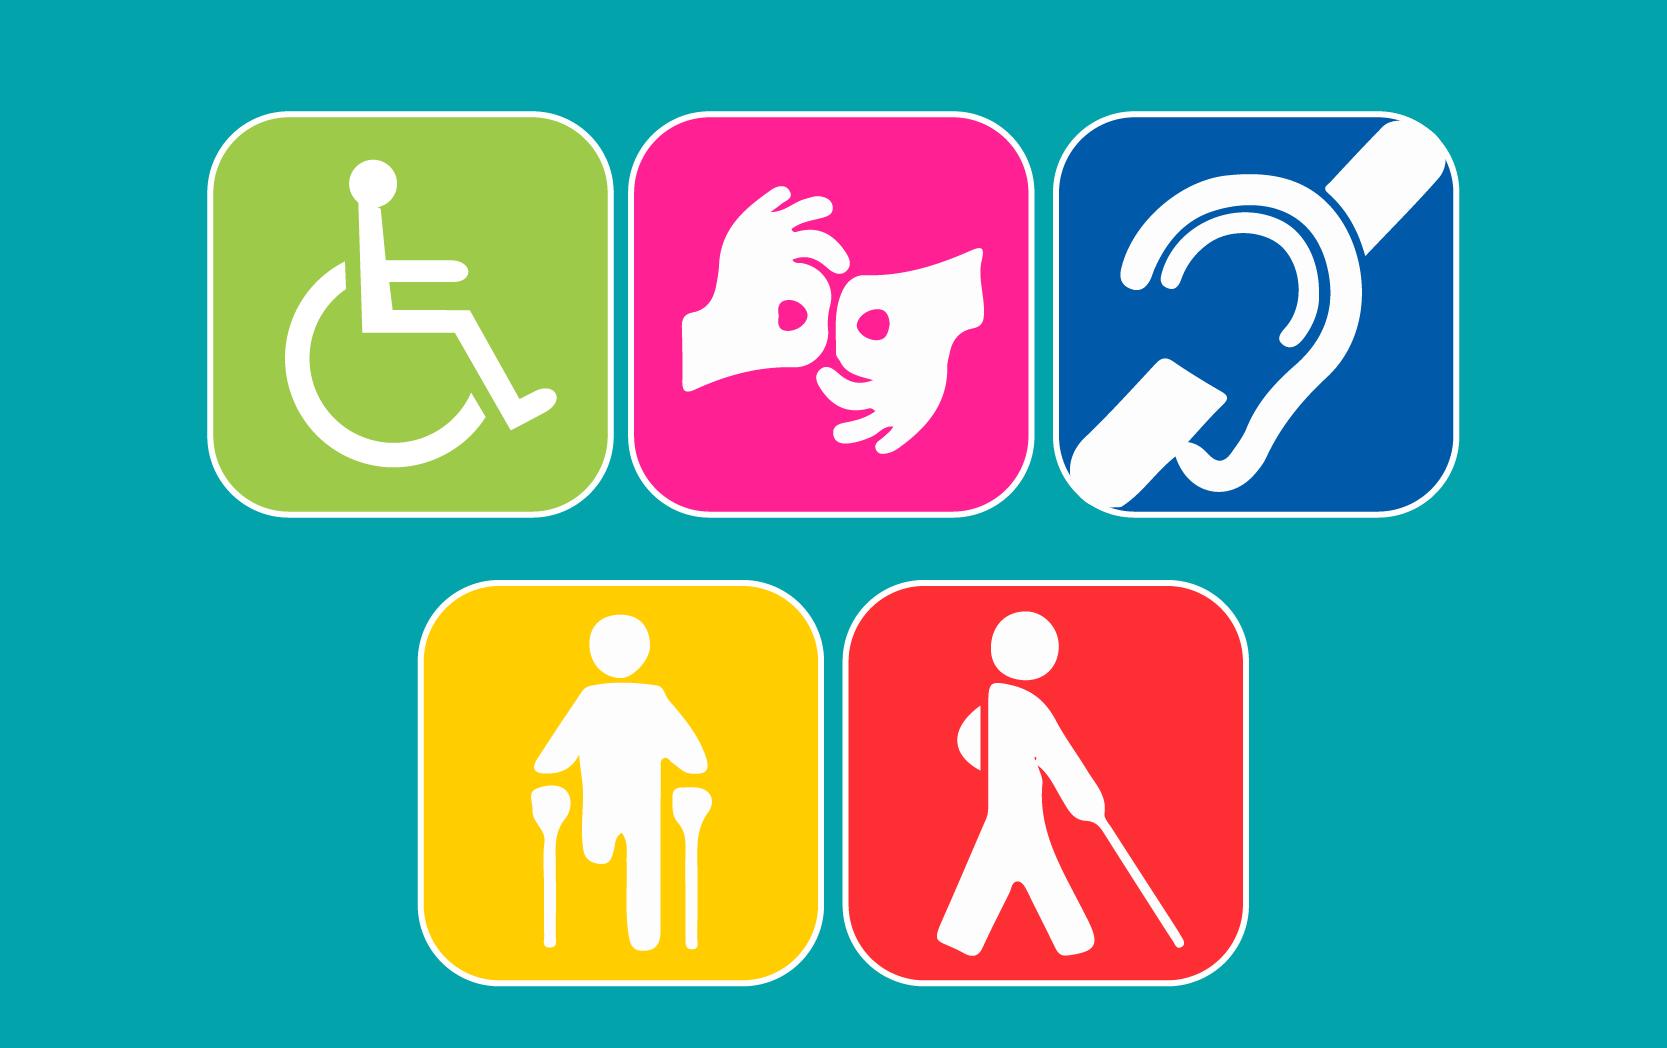 Dia Internacional da Pessoa com Deficiência: Fiocruz oferece formação online e gratuita sobre o tema